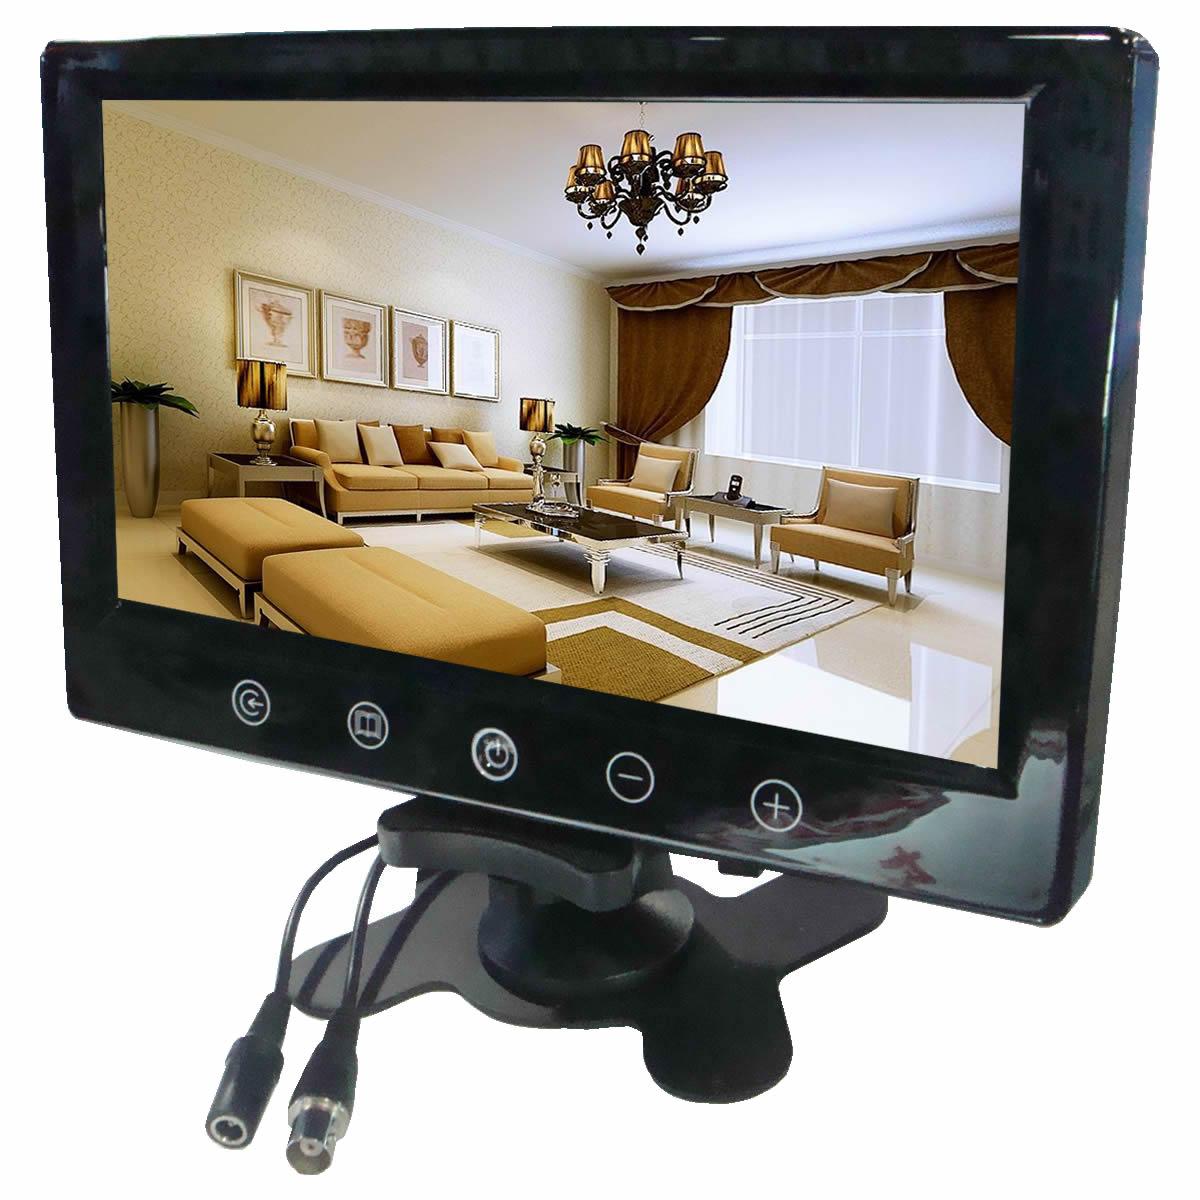 رصد سيارة 9 بوصة رصد عرض شاشات الكريستال السائل شاشة ملاحة أنثى الهاتف سطح المكتب في المنزل لمسة زر